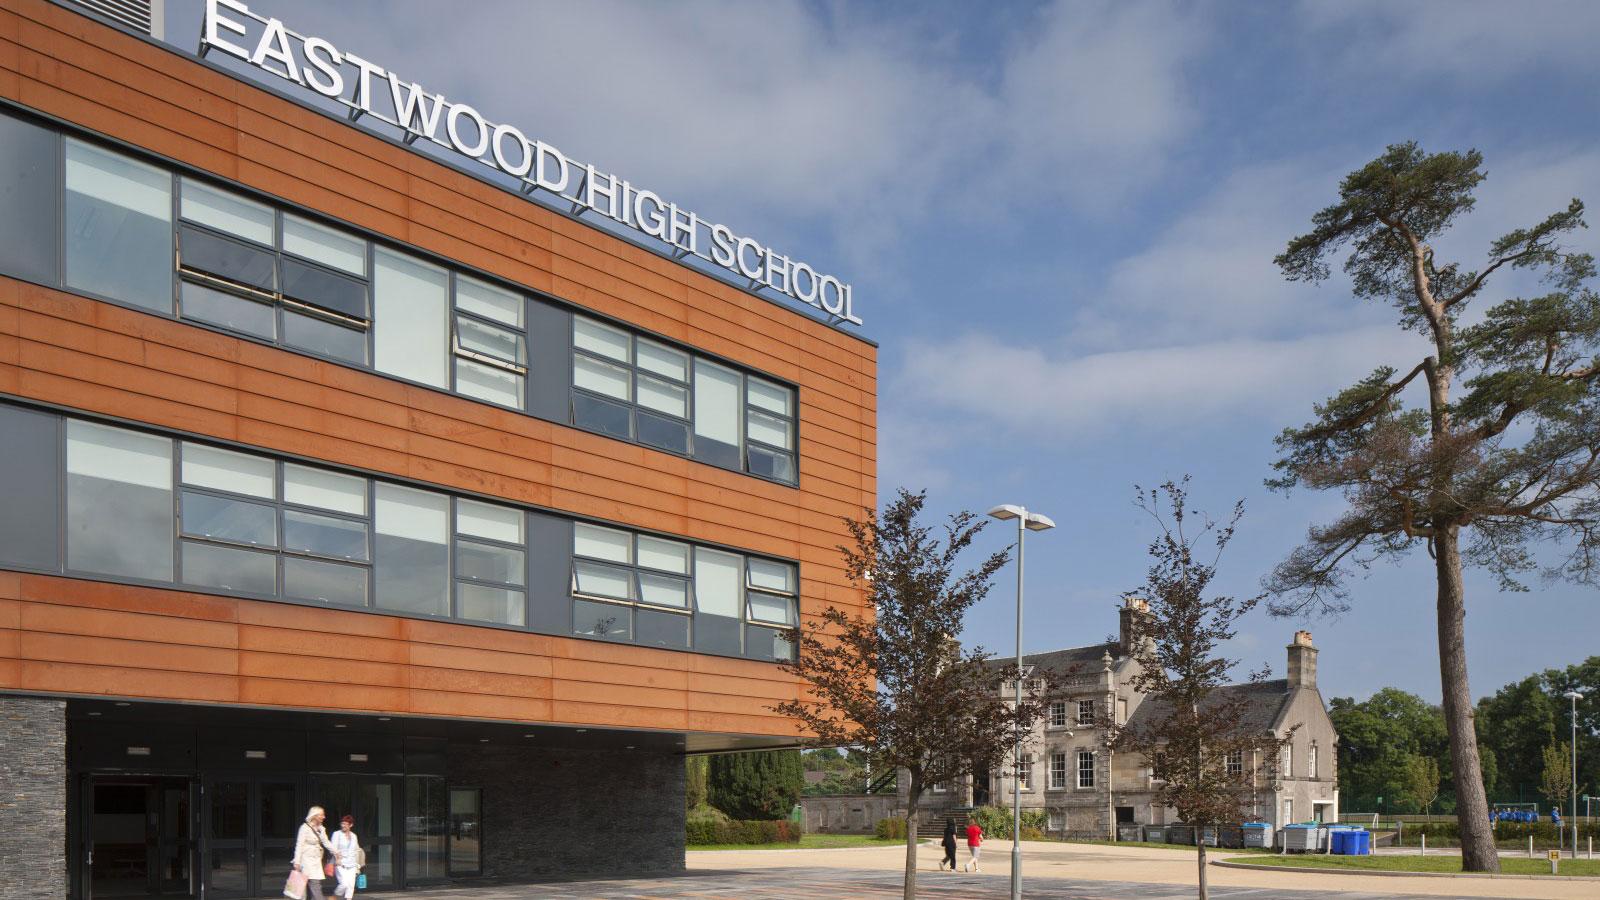 Eastwood High School - BDP.com